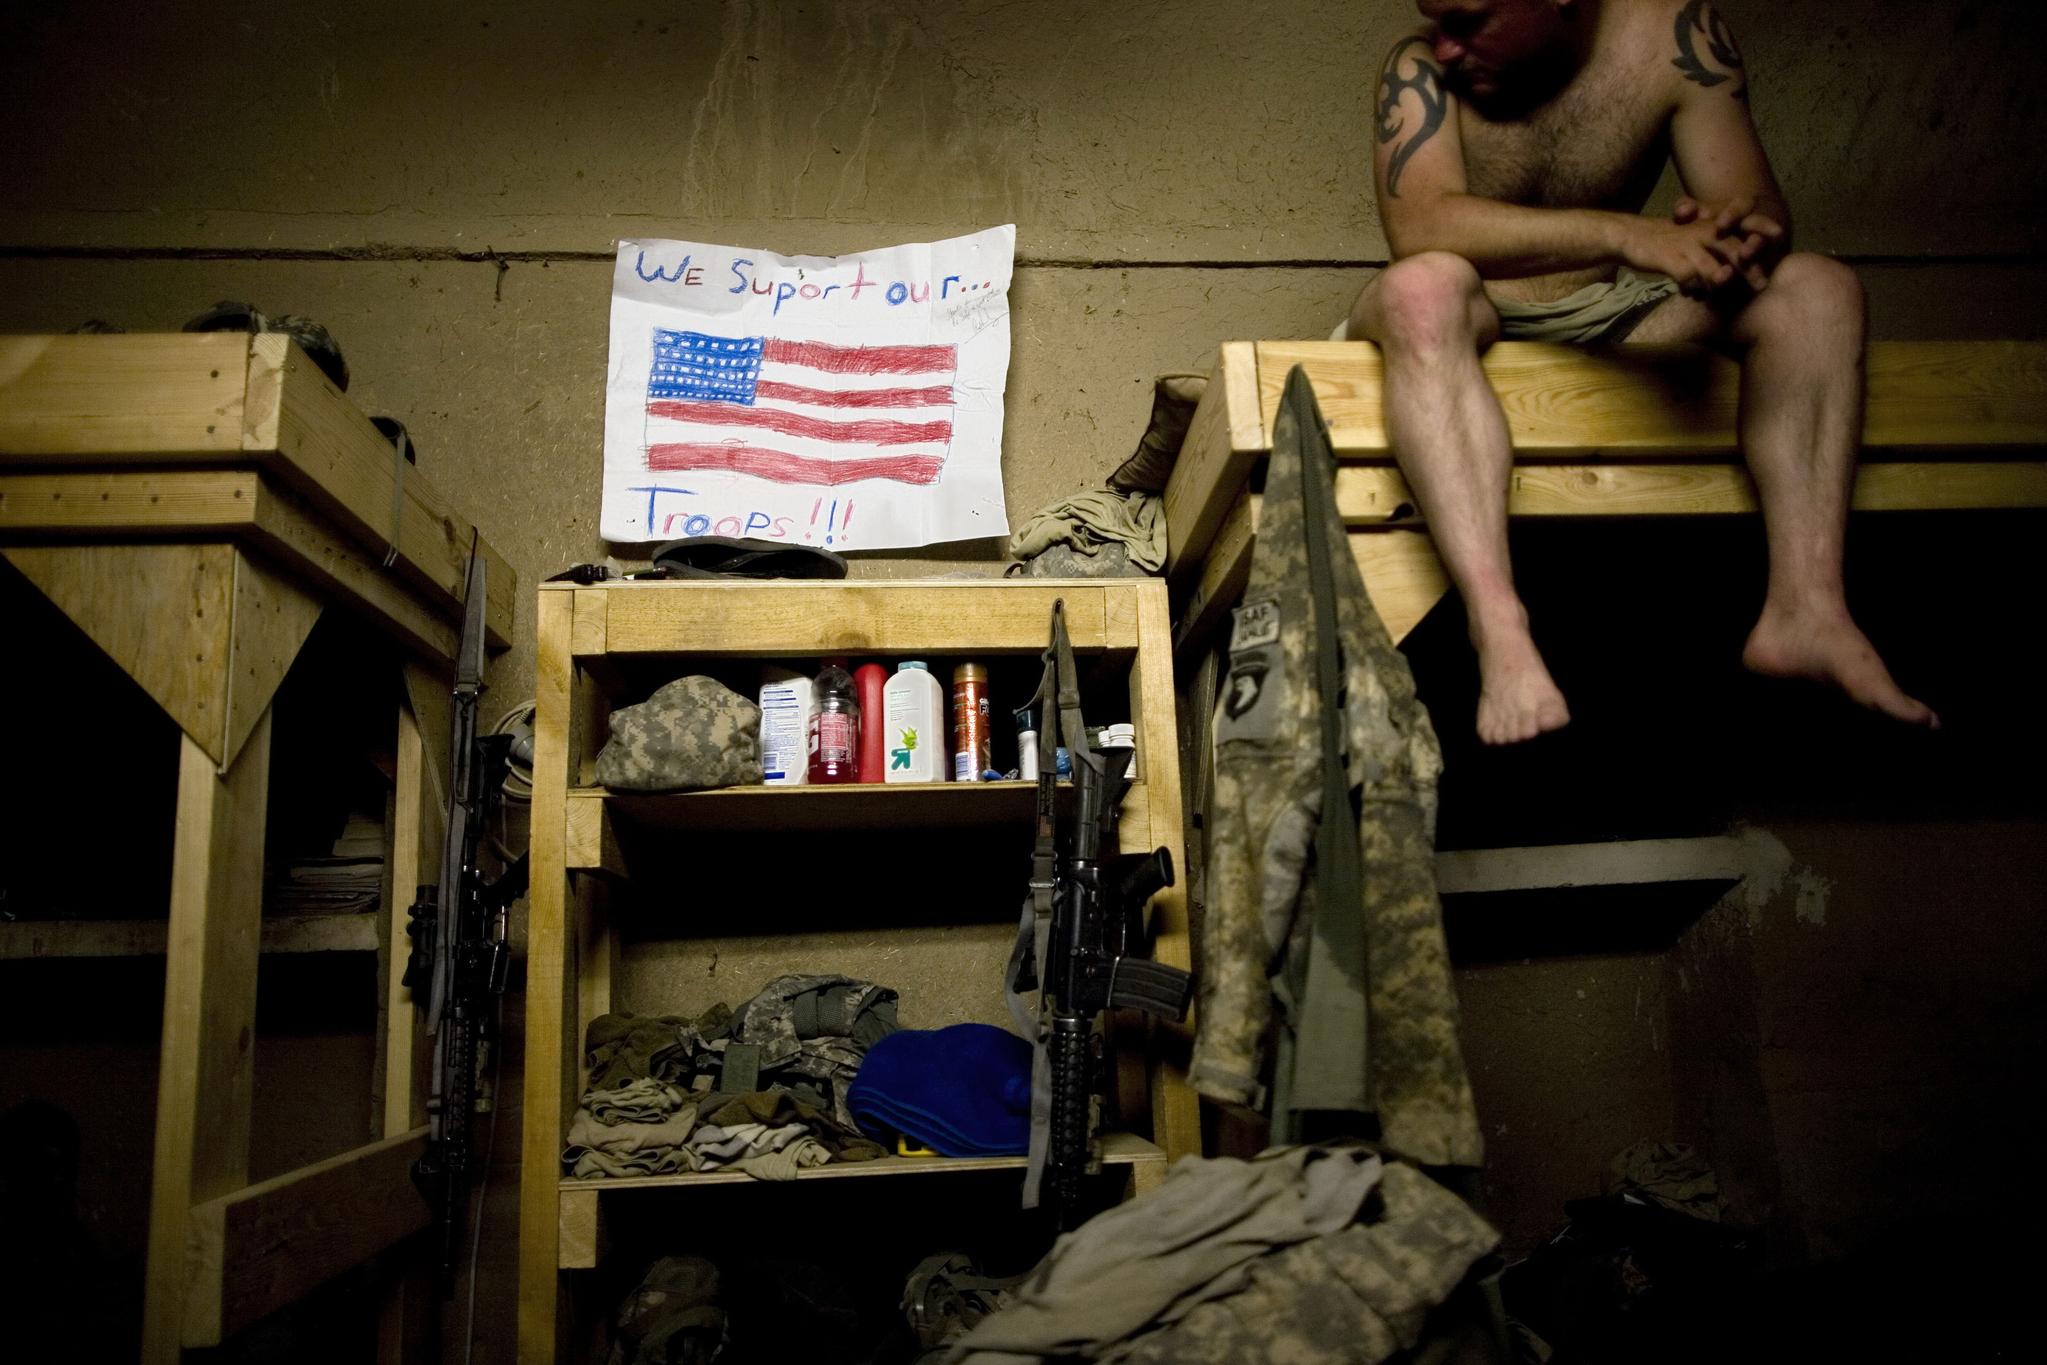 """2010년 7월 29일 미국 텍사스 주 호클리 출신의 미군 댈러스 퍼디가 아프간 칸다하르의 내무반에서 휴식하고 있다. 벽에 미국 국기가 걸려 있다. 글씨는 """"우리는 미군을 지원한다(We support our troops!!!)"""". AP=연합뉴스"""